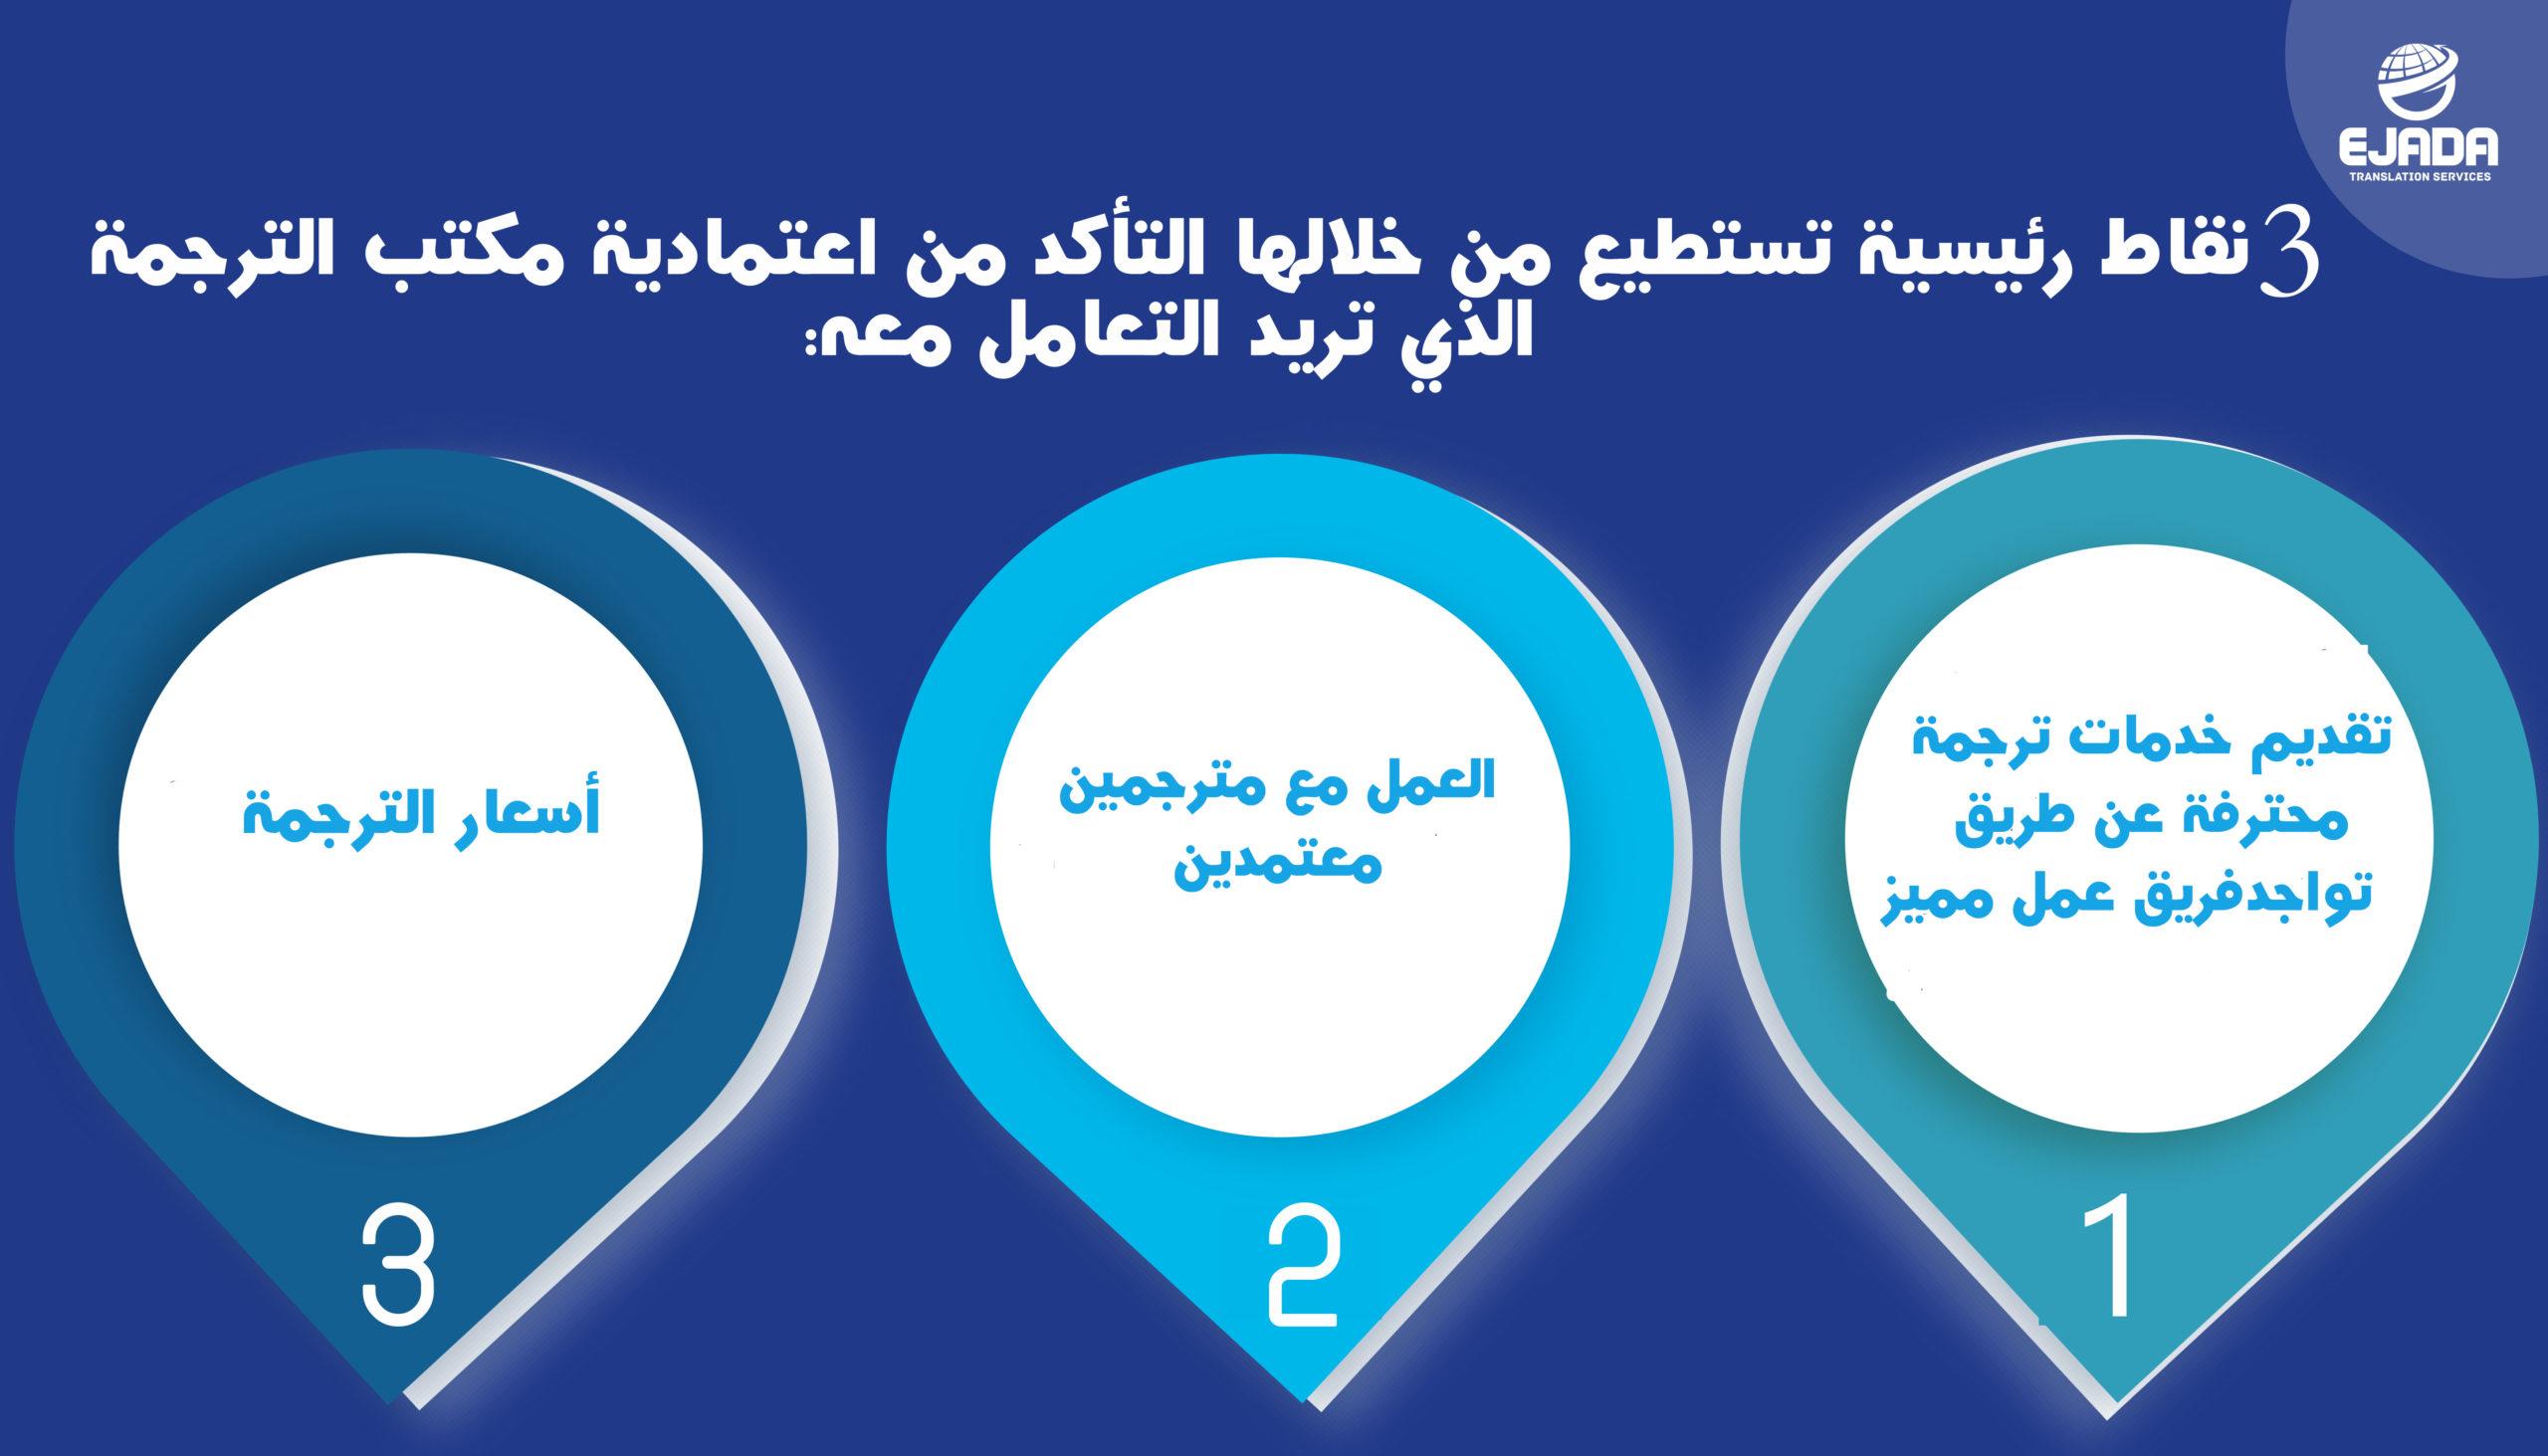 مكتب ترجمة معتمد في الخليج